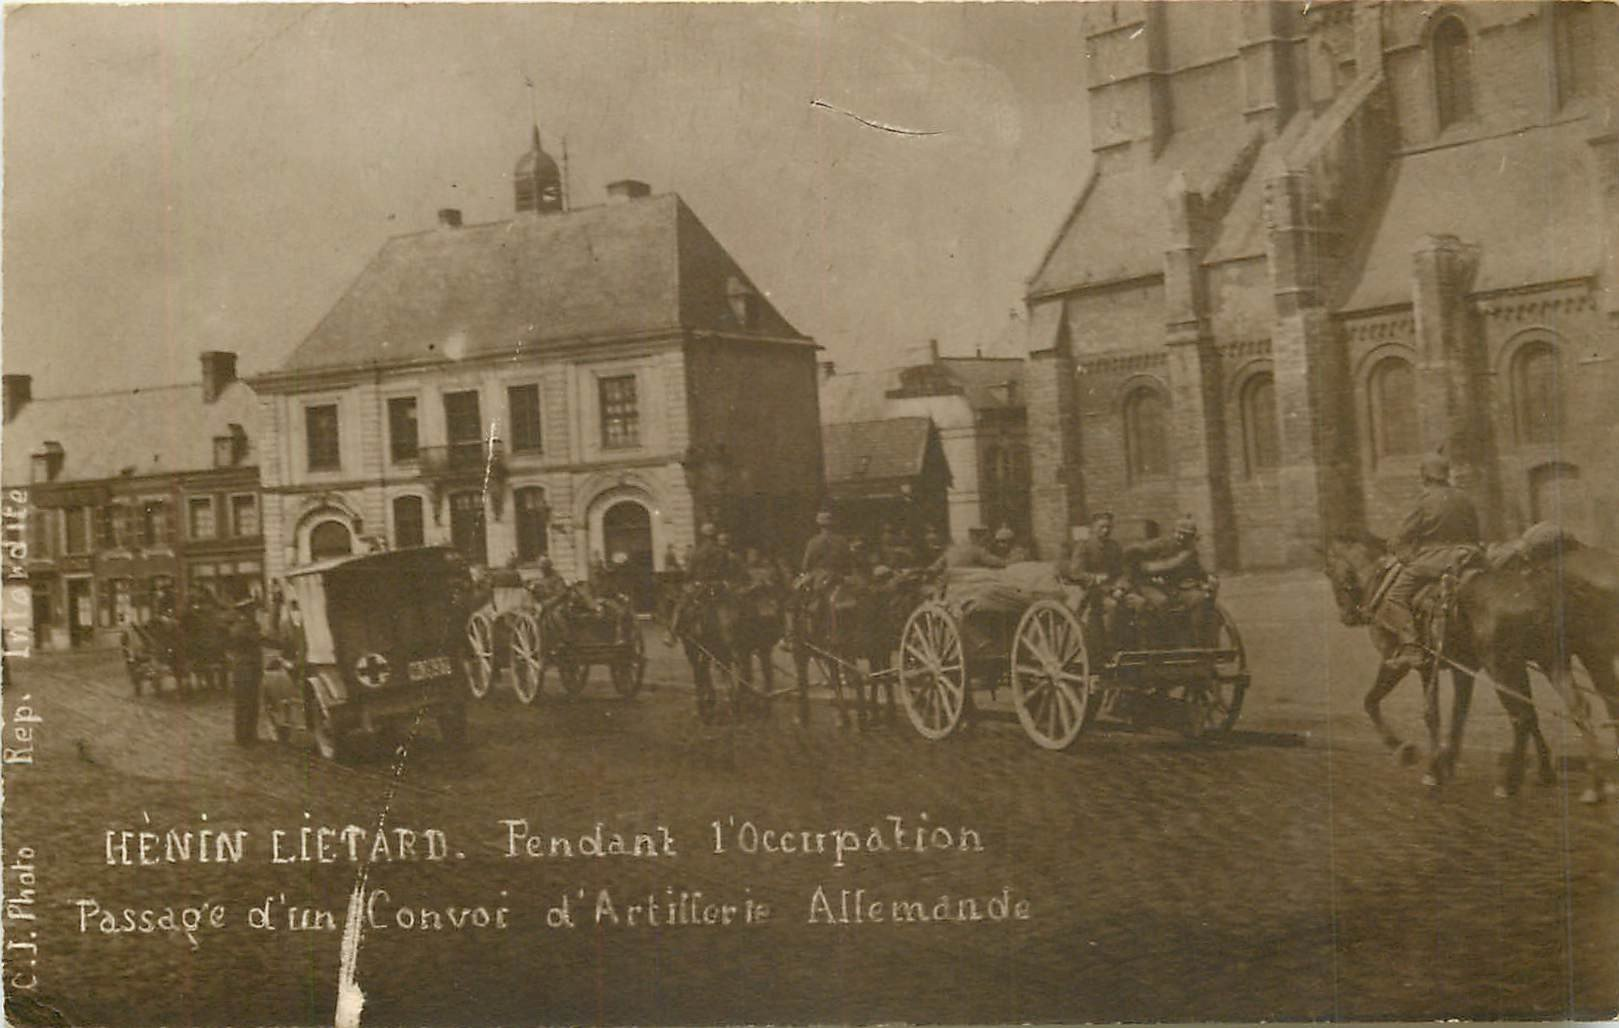 WW 62 HENIN LIETARD. Passage Convoi Atillerie pendant l'Occupation. Guerre 1914-18